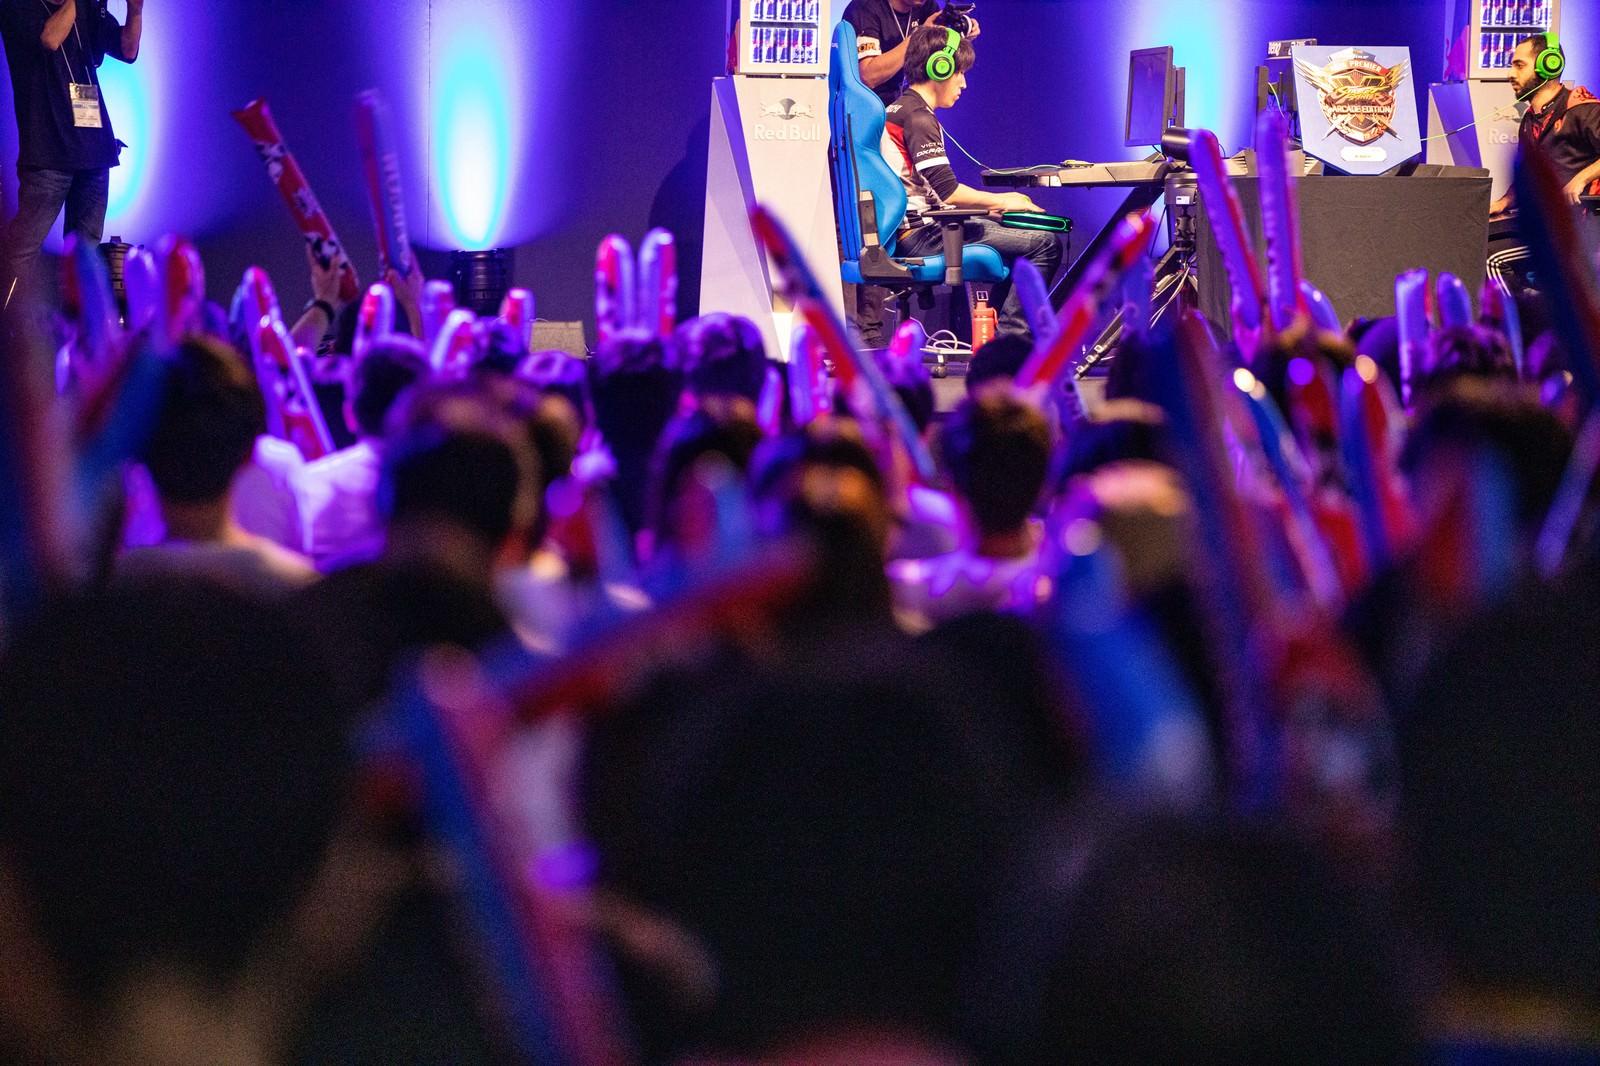 賑わいを見せる決勝大会の観客と選手 - CAPCOM Pro Tour 2019 アジアプレミアのフリー素材